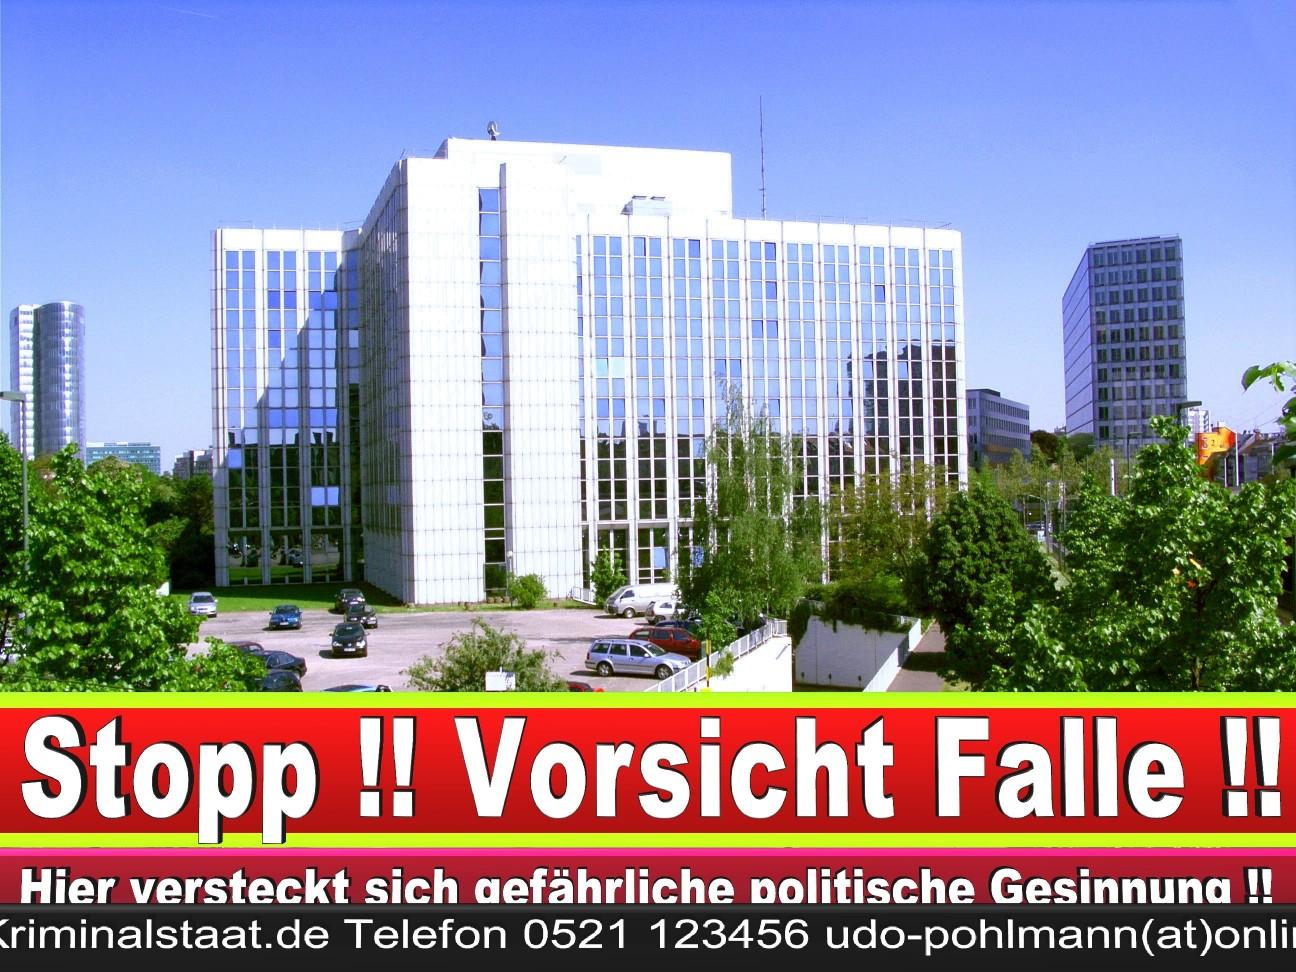 Landtag Innenministerium NRW Karte Fotos Bilder Bannmeile CDU SPD FDP Piratenpartei (1)